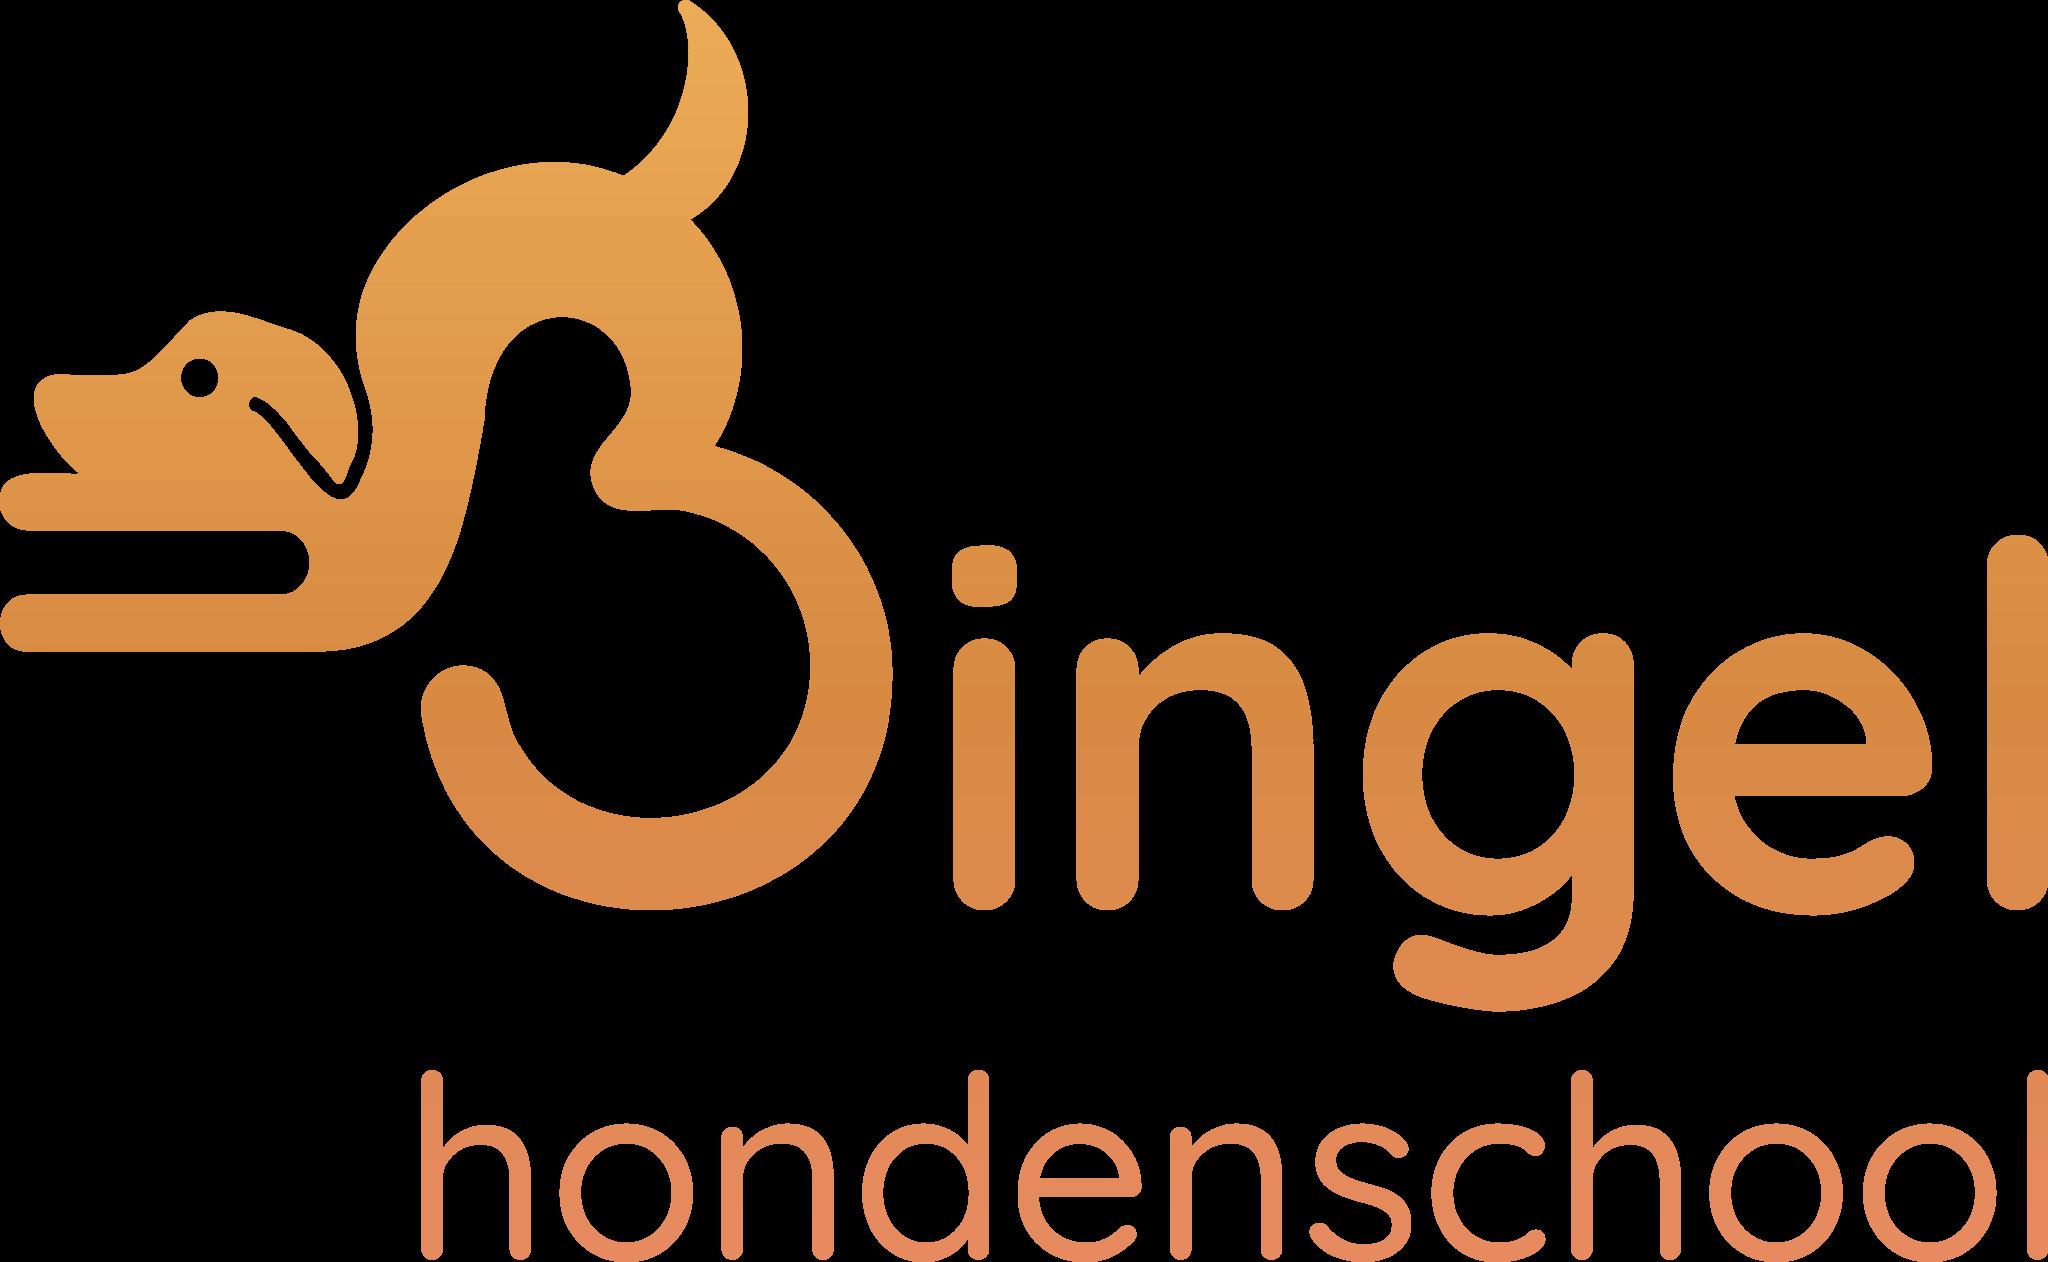 Hondenschool Bingel